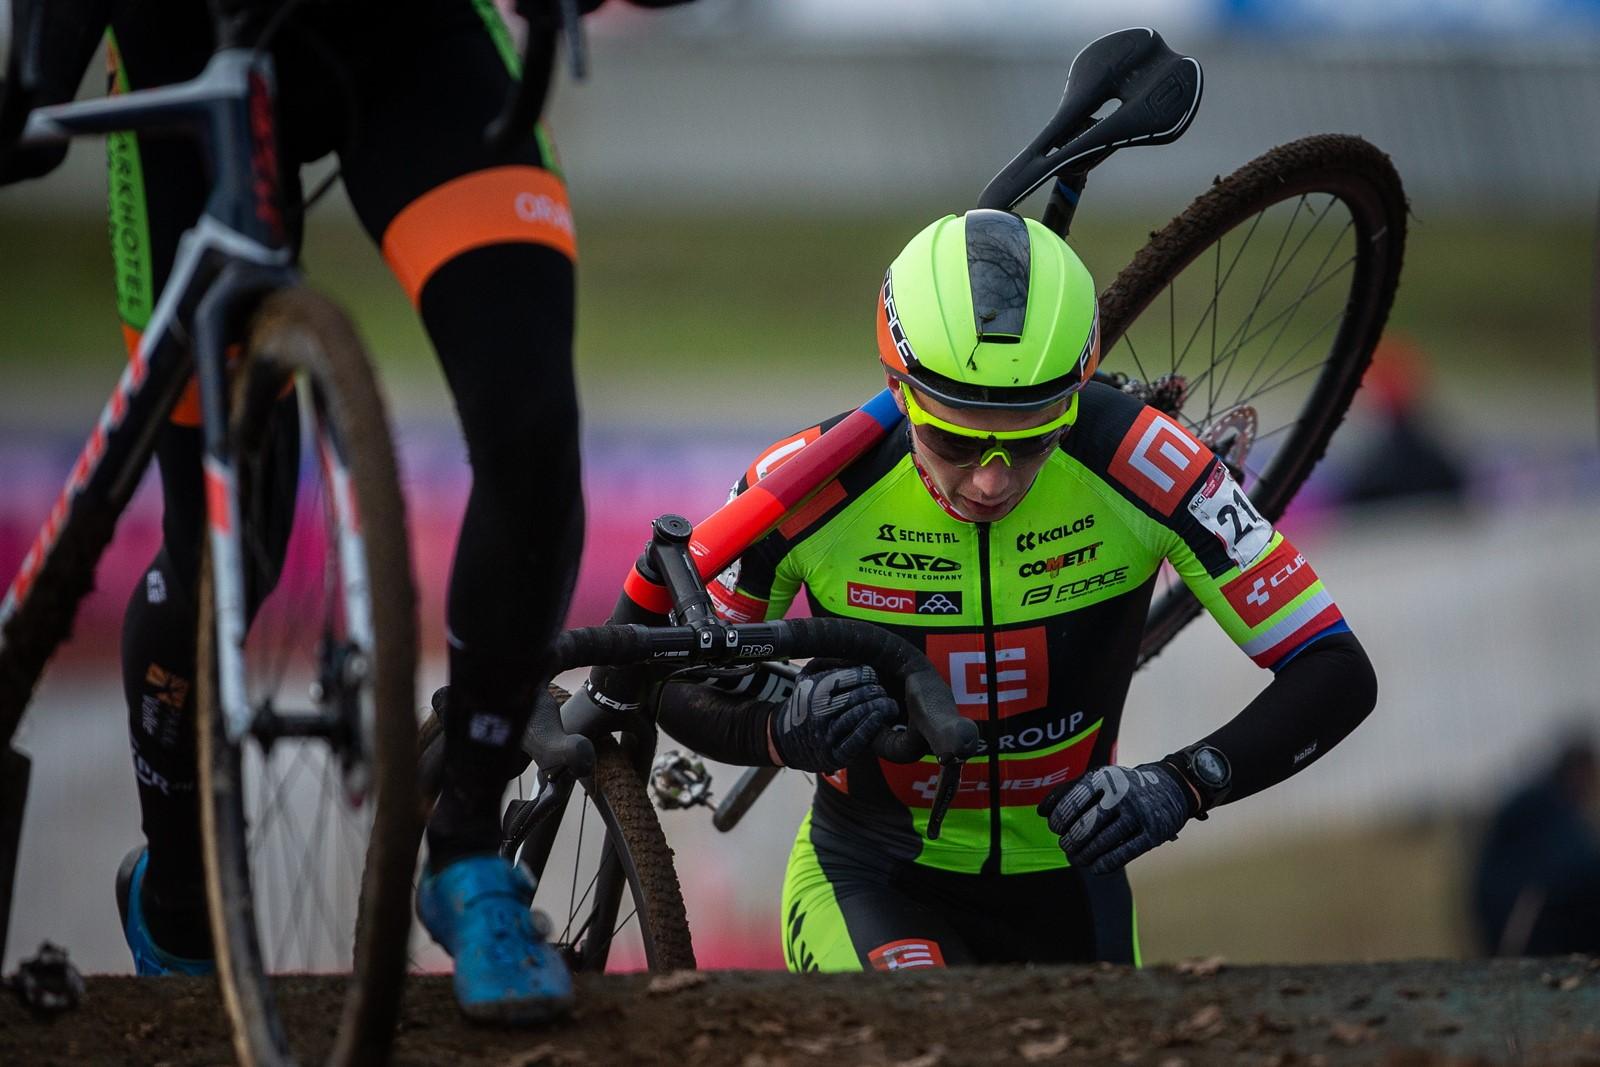 15 - Českého reprezentanta Michaela Boroše vyřadil z boje o lepší umístění defekt krátce po průjezdu technickým depem.